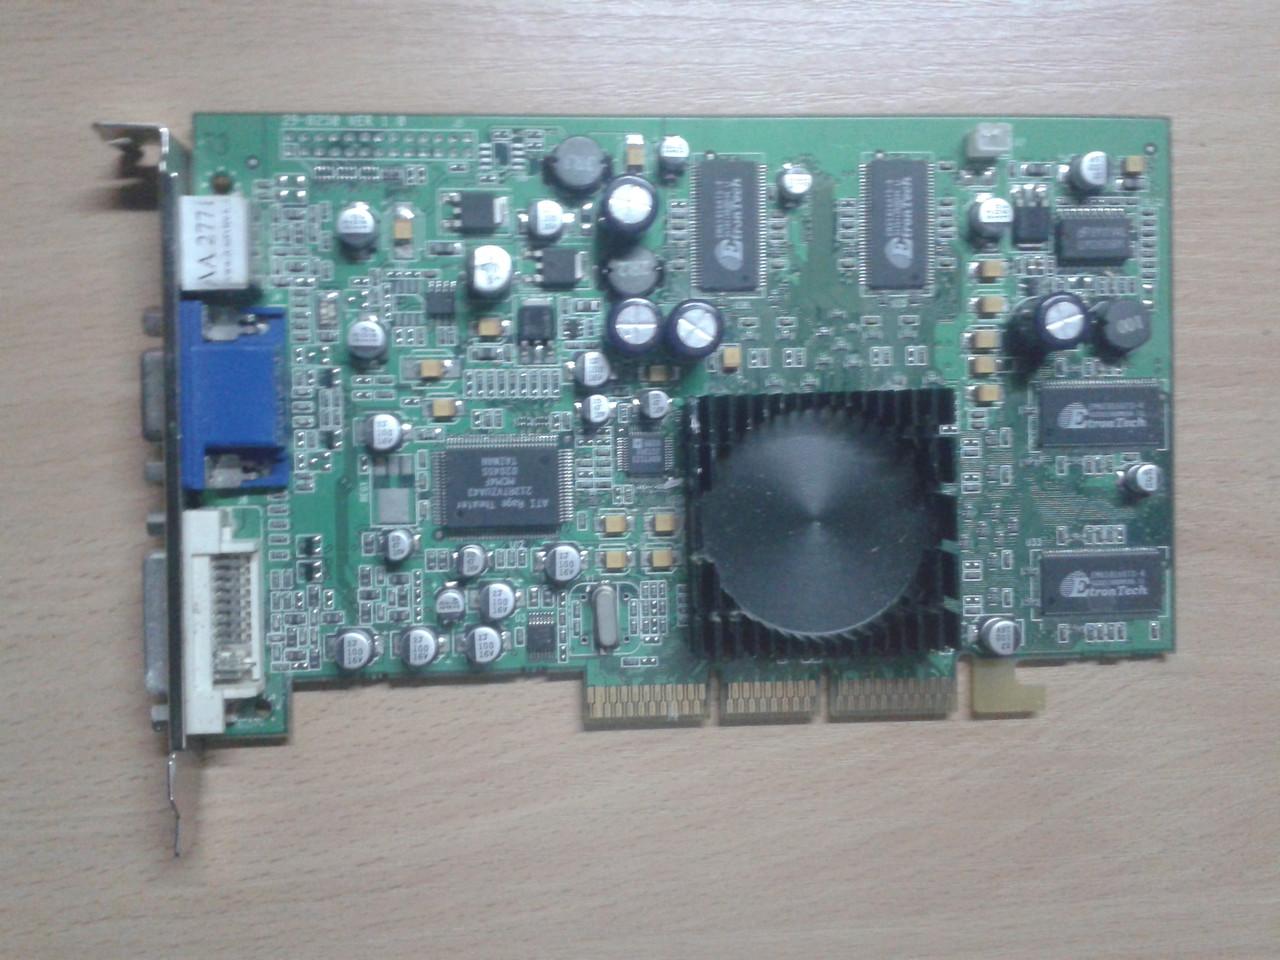 Видеокарта Transcend  64Mb/DDR/64Bit, TS64MVDR8, AGP, бу